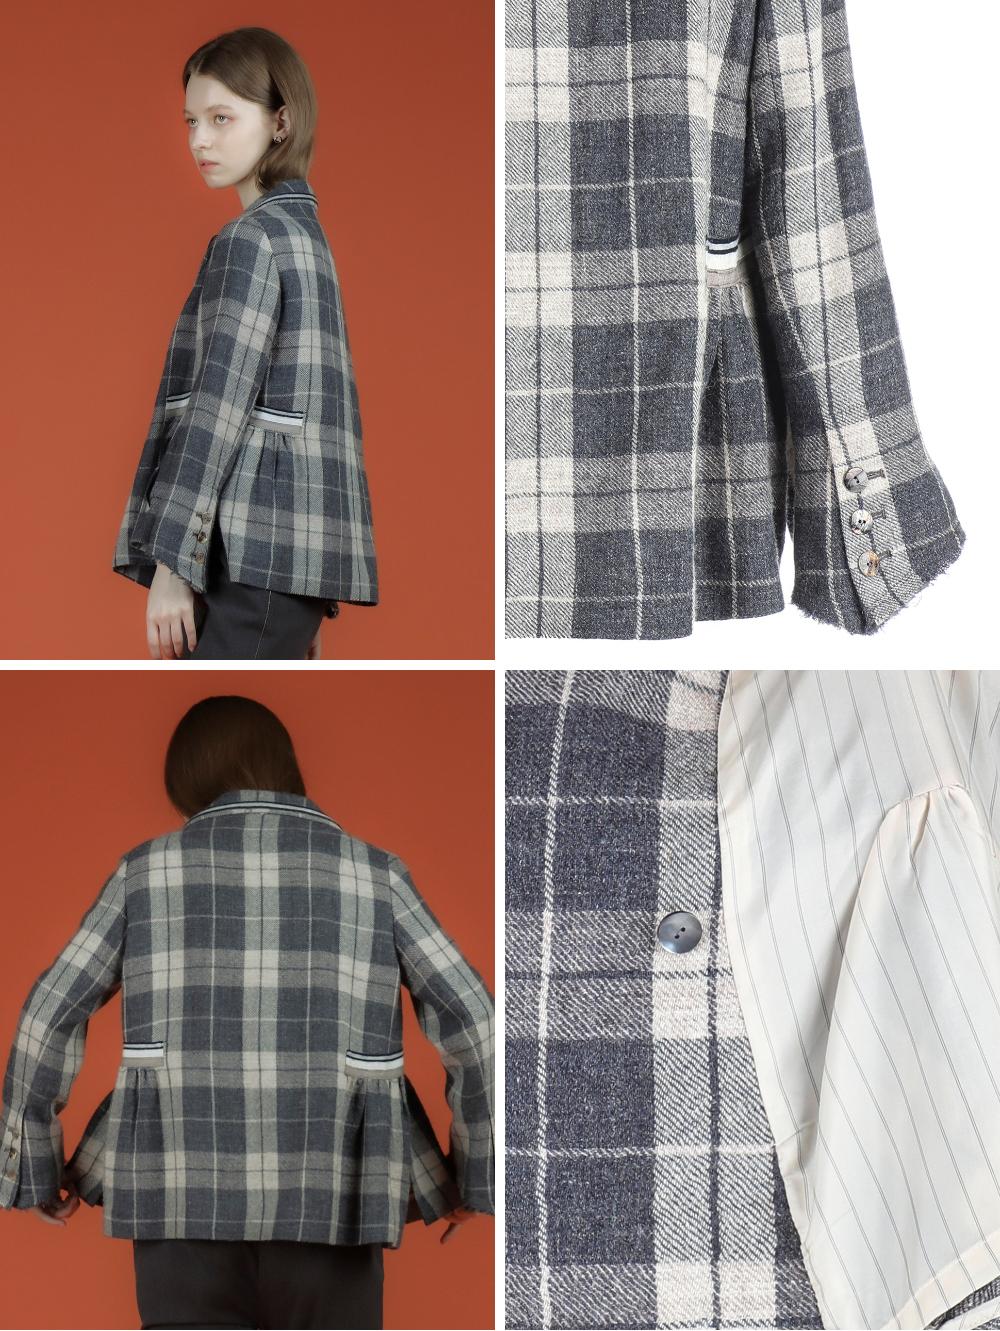 블레이저 모델 착용 이미지-S2L7